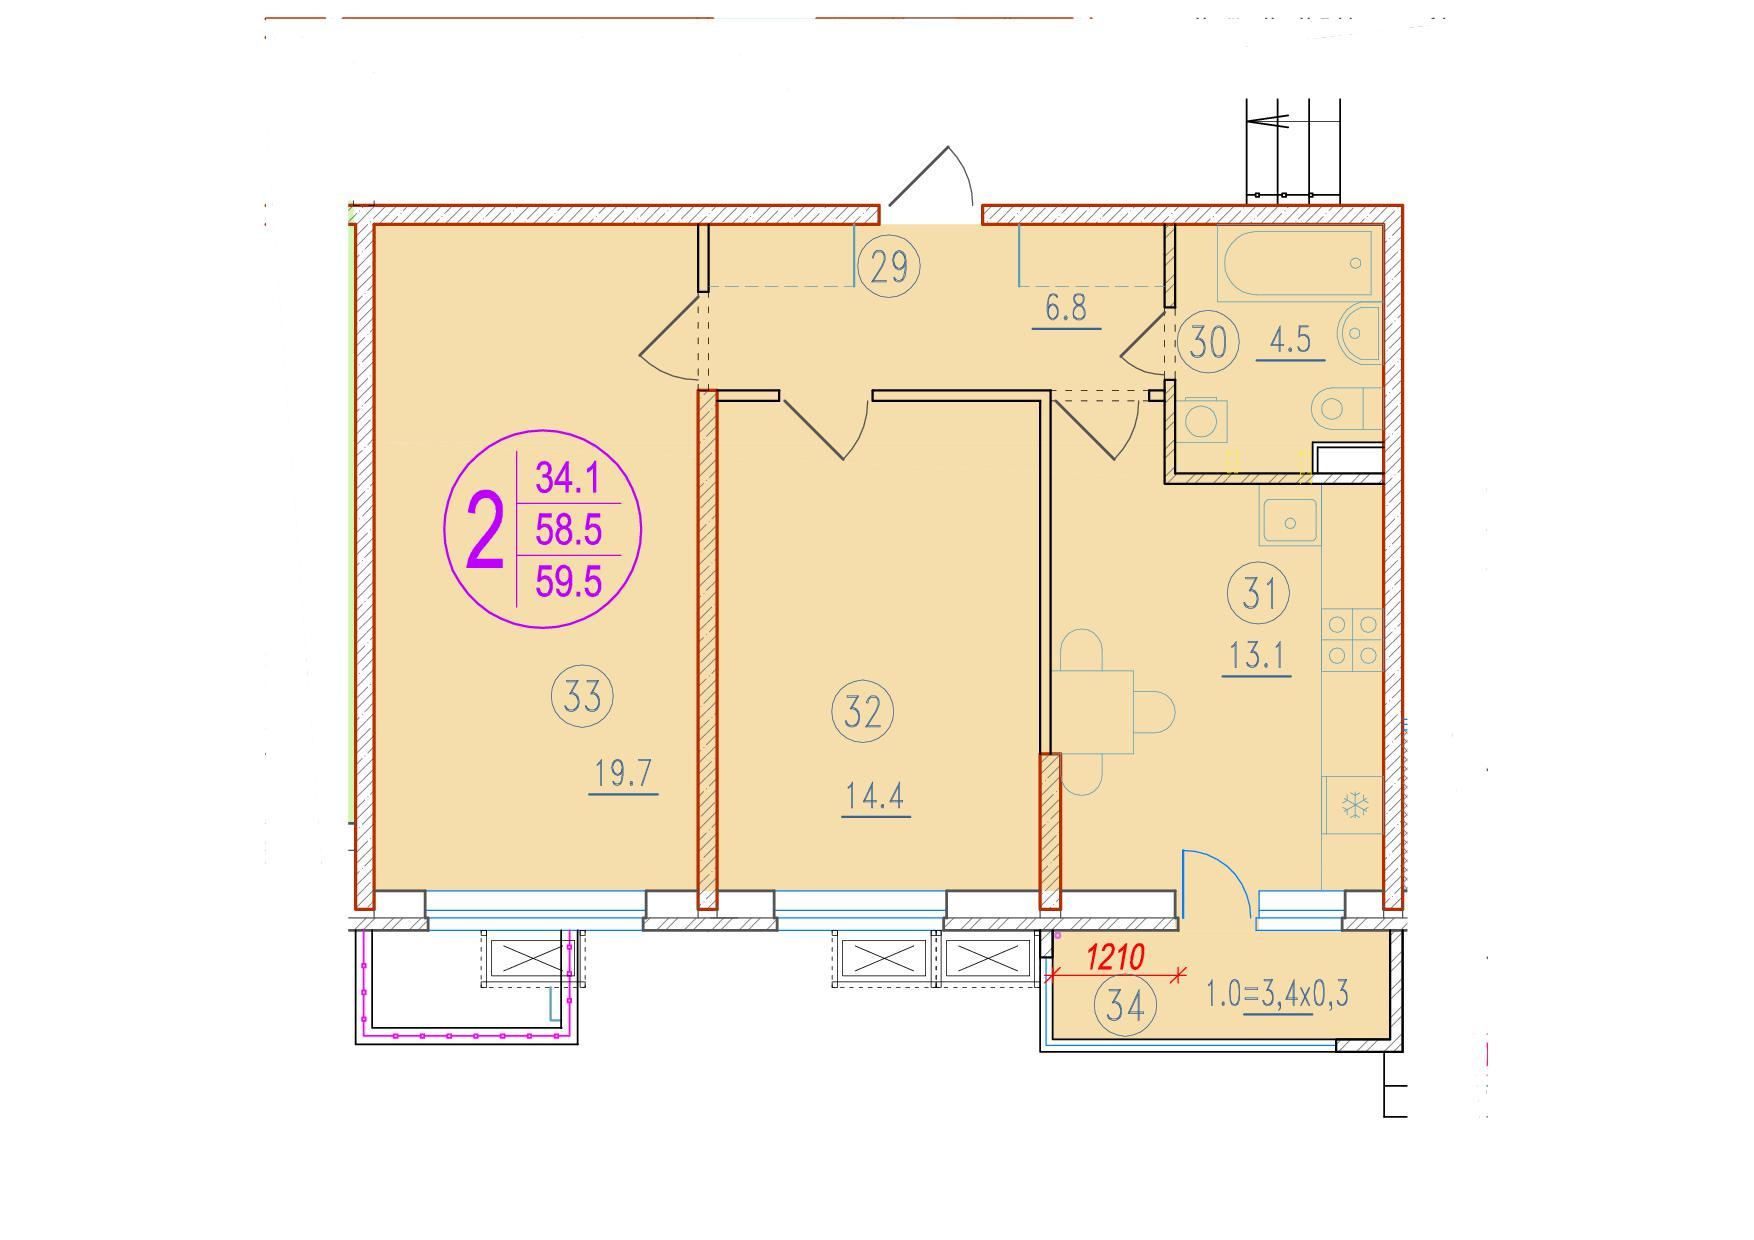 2-комнатная 59.5<span>м<sup>2</sup></span>